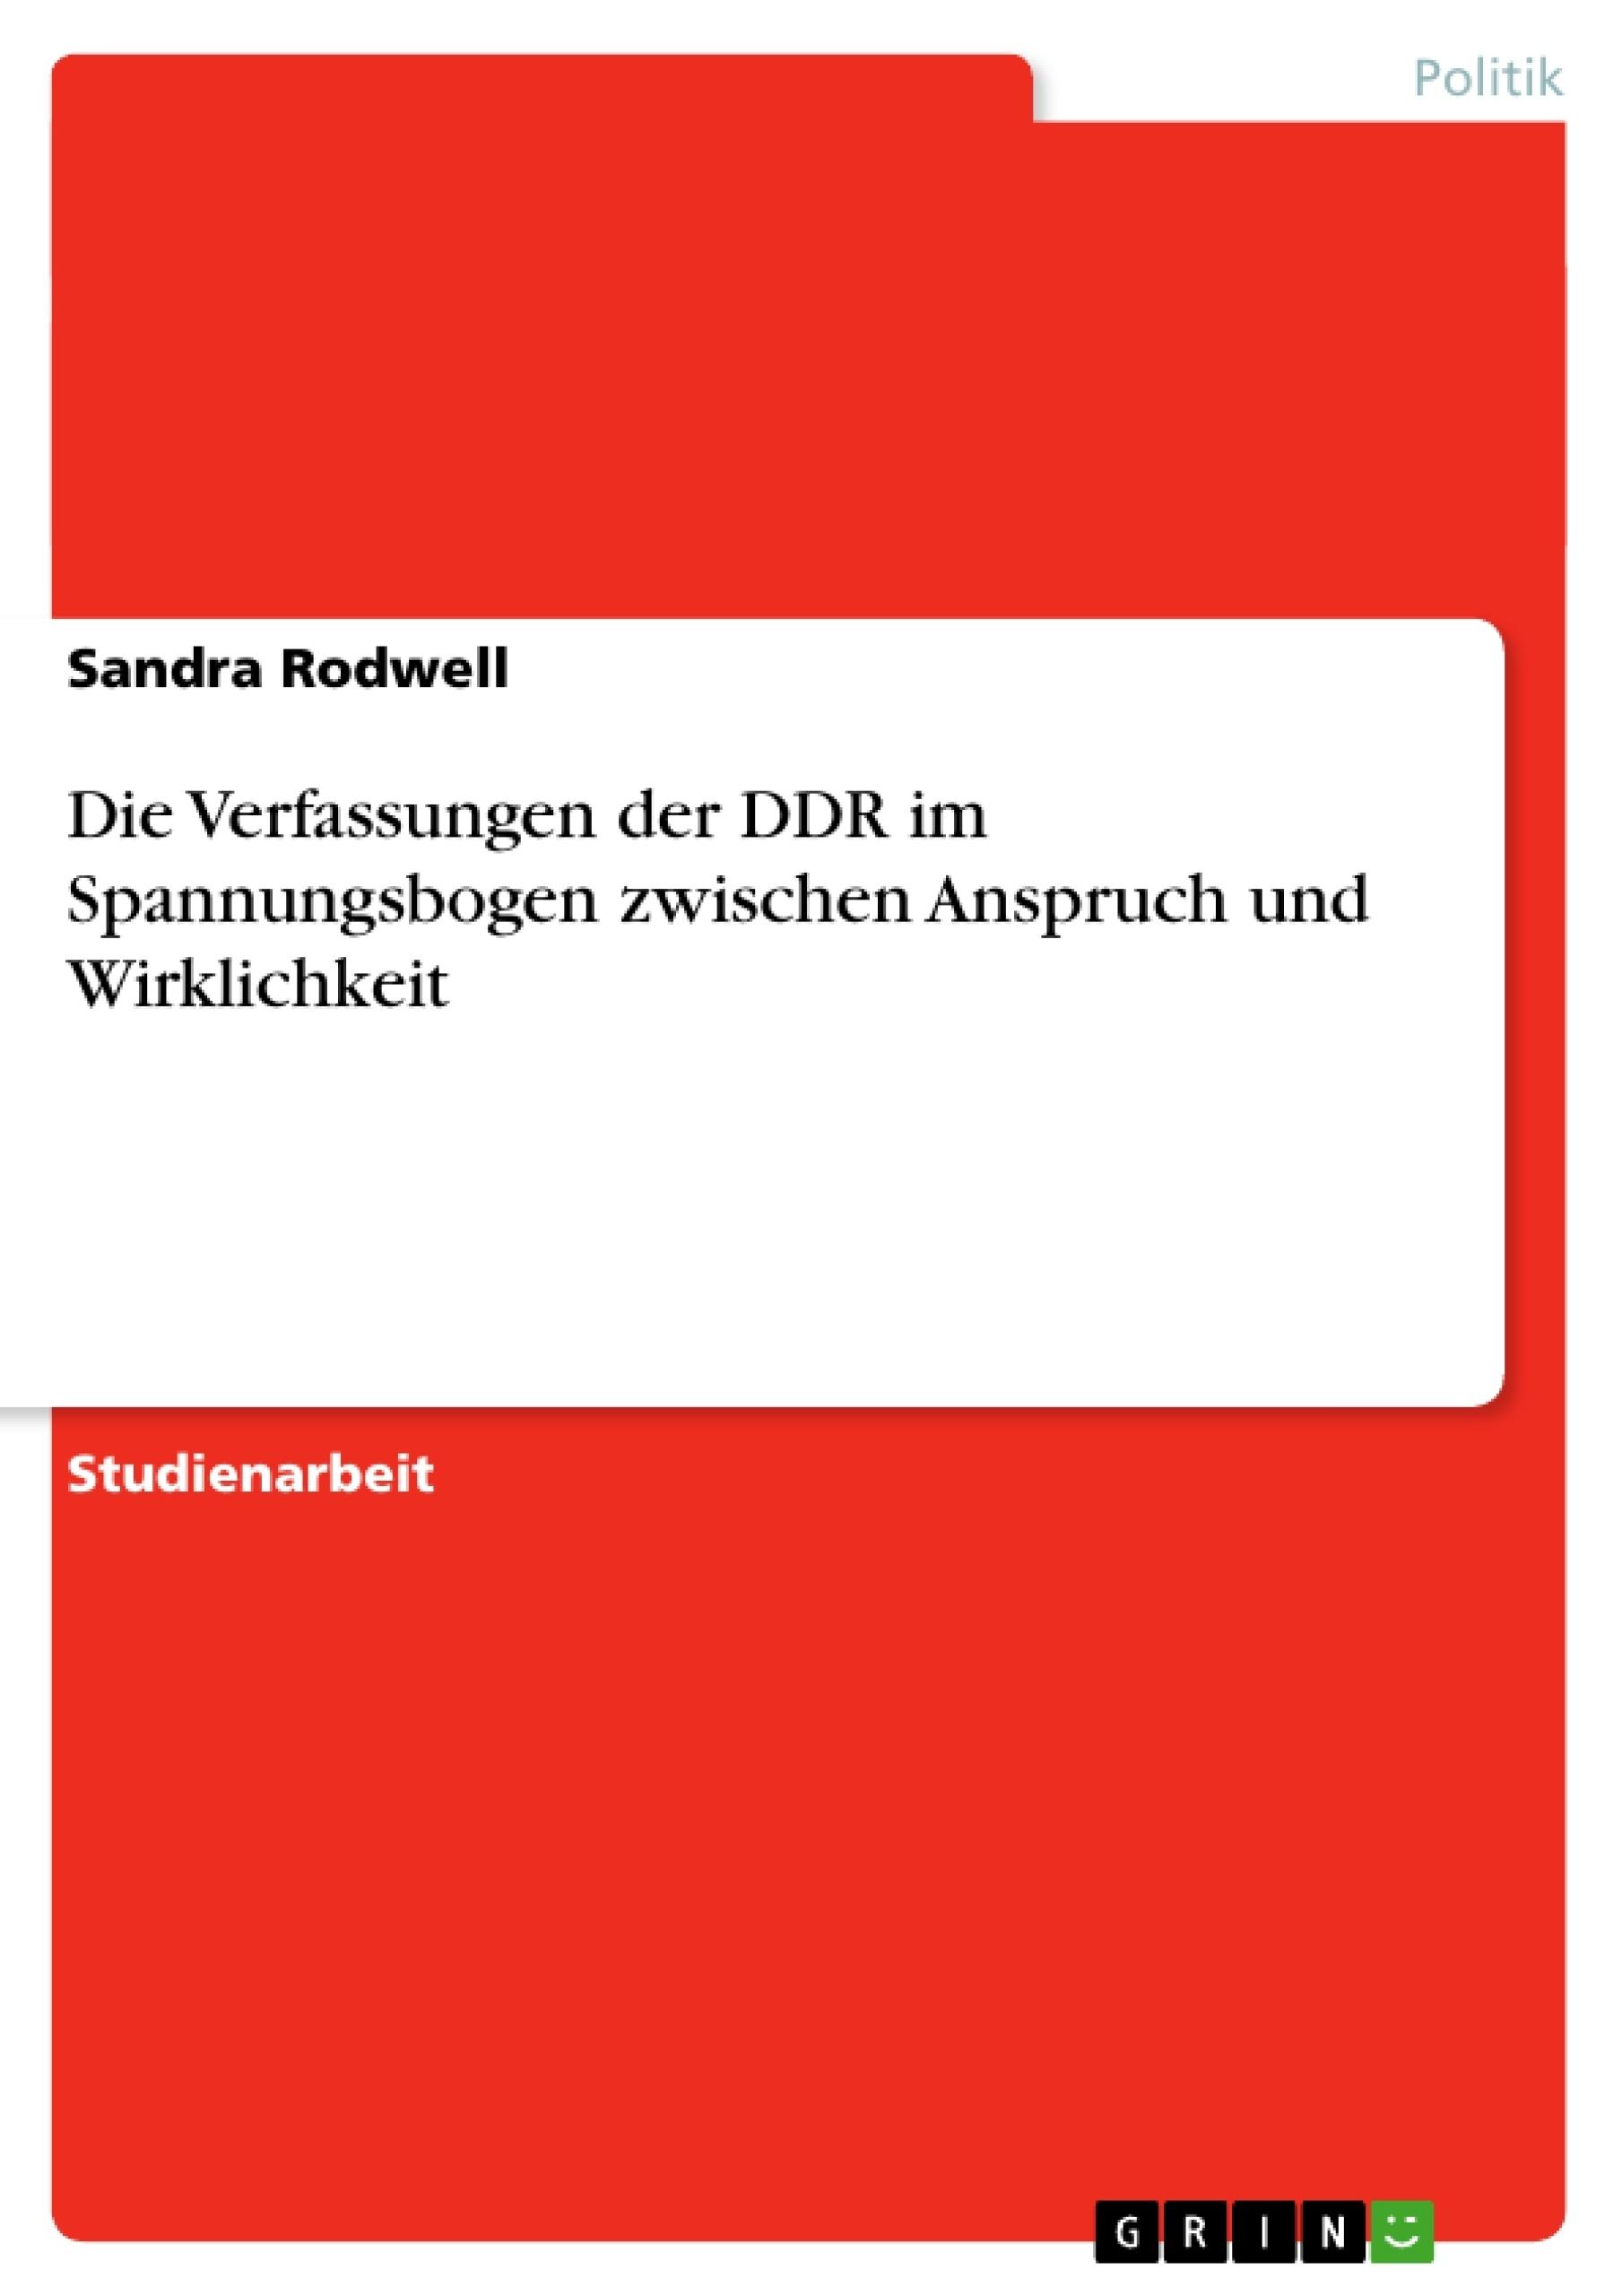 Titel: Die Verfassungen der DDR  im Spannungsbogen zwischen Anspruch und Wirklichkeit